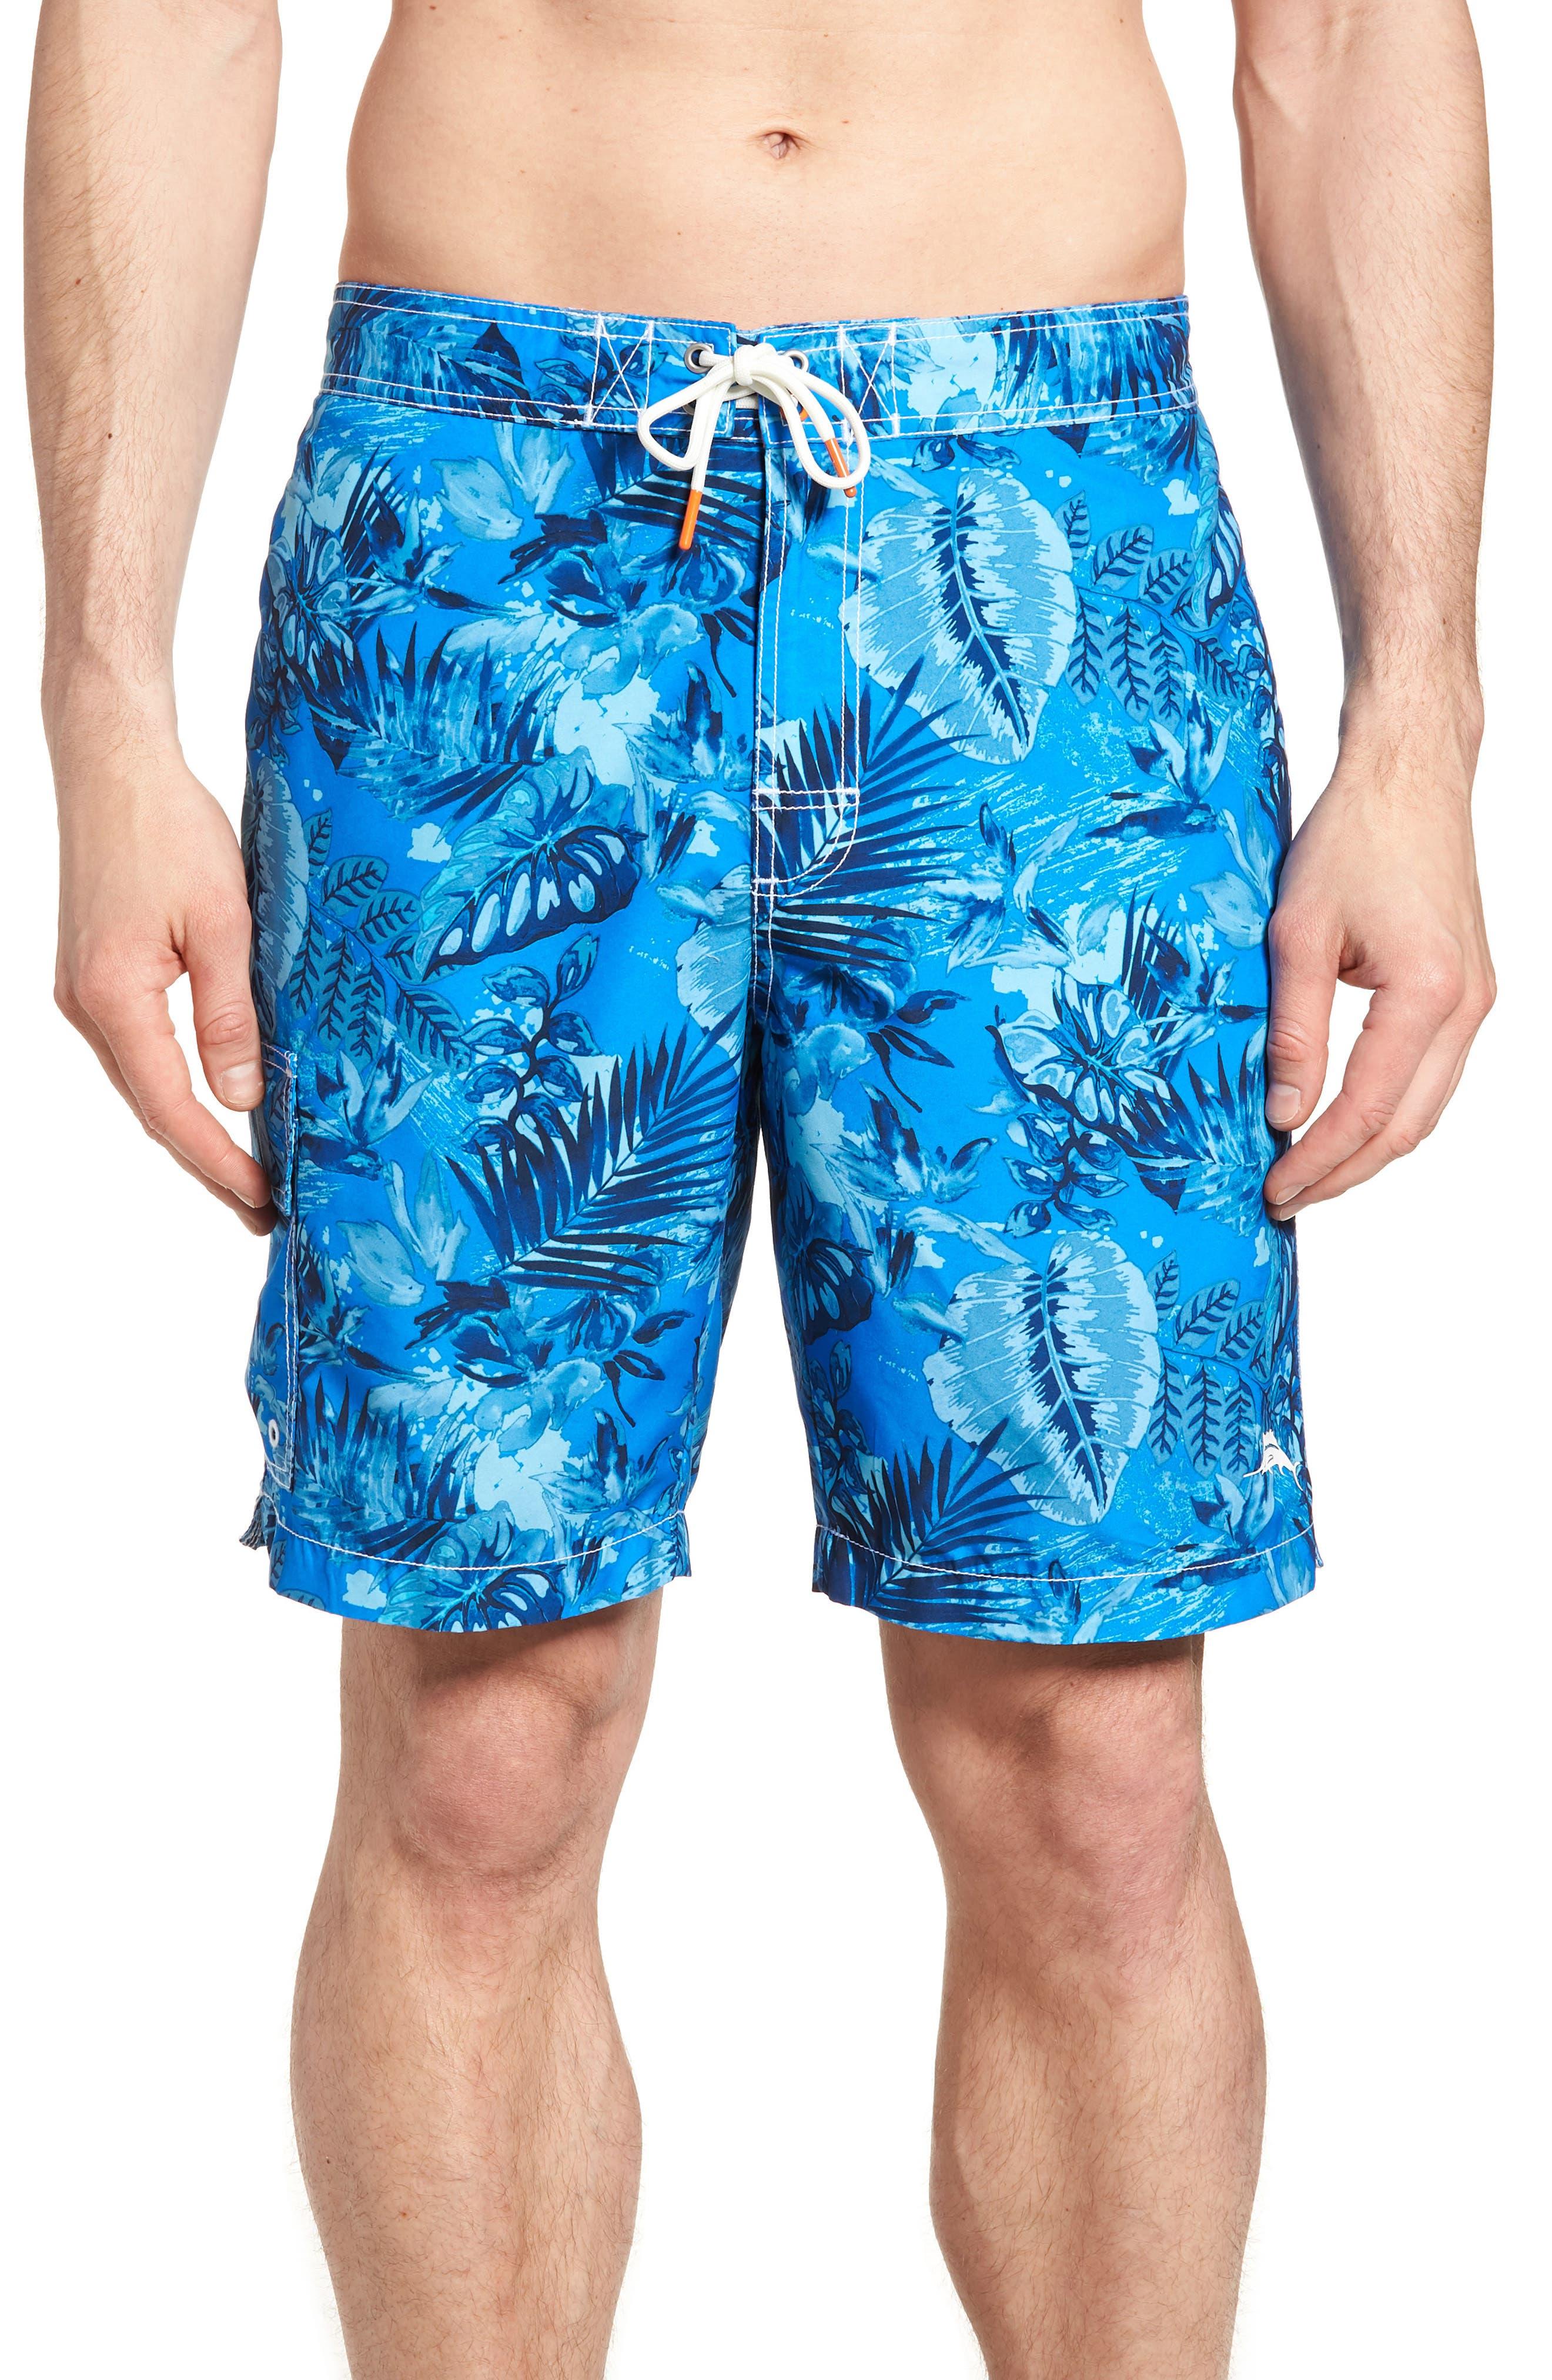 TOMMY BAHAMA,                             Baja Selva Shores Board Shorts,                             Main thumbnail 1, color,                             400